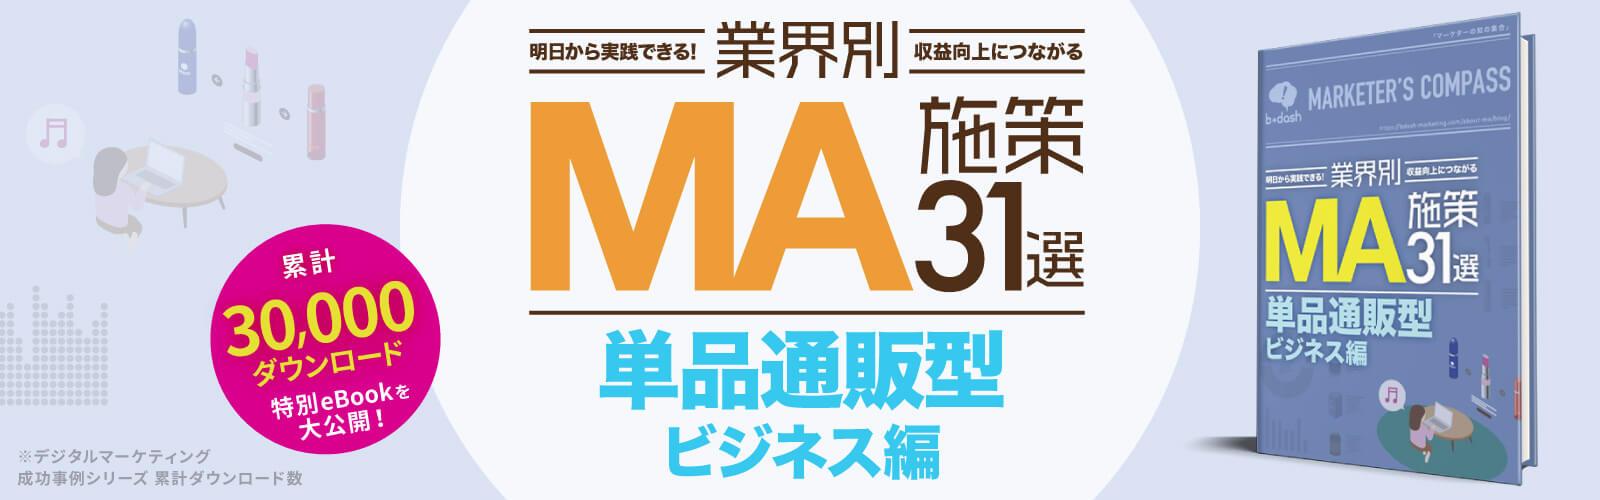 業界別施策集「単品通販型ビジネスモデル編」